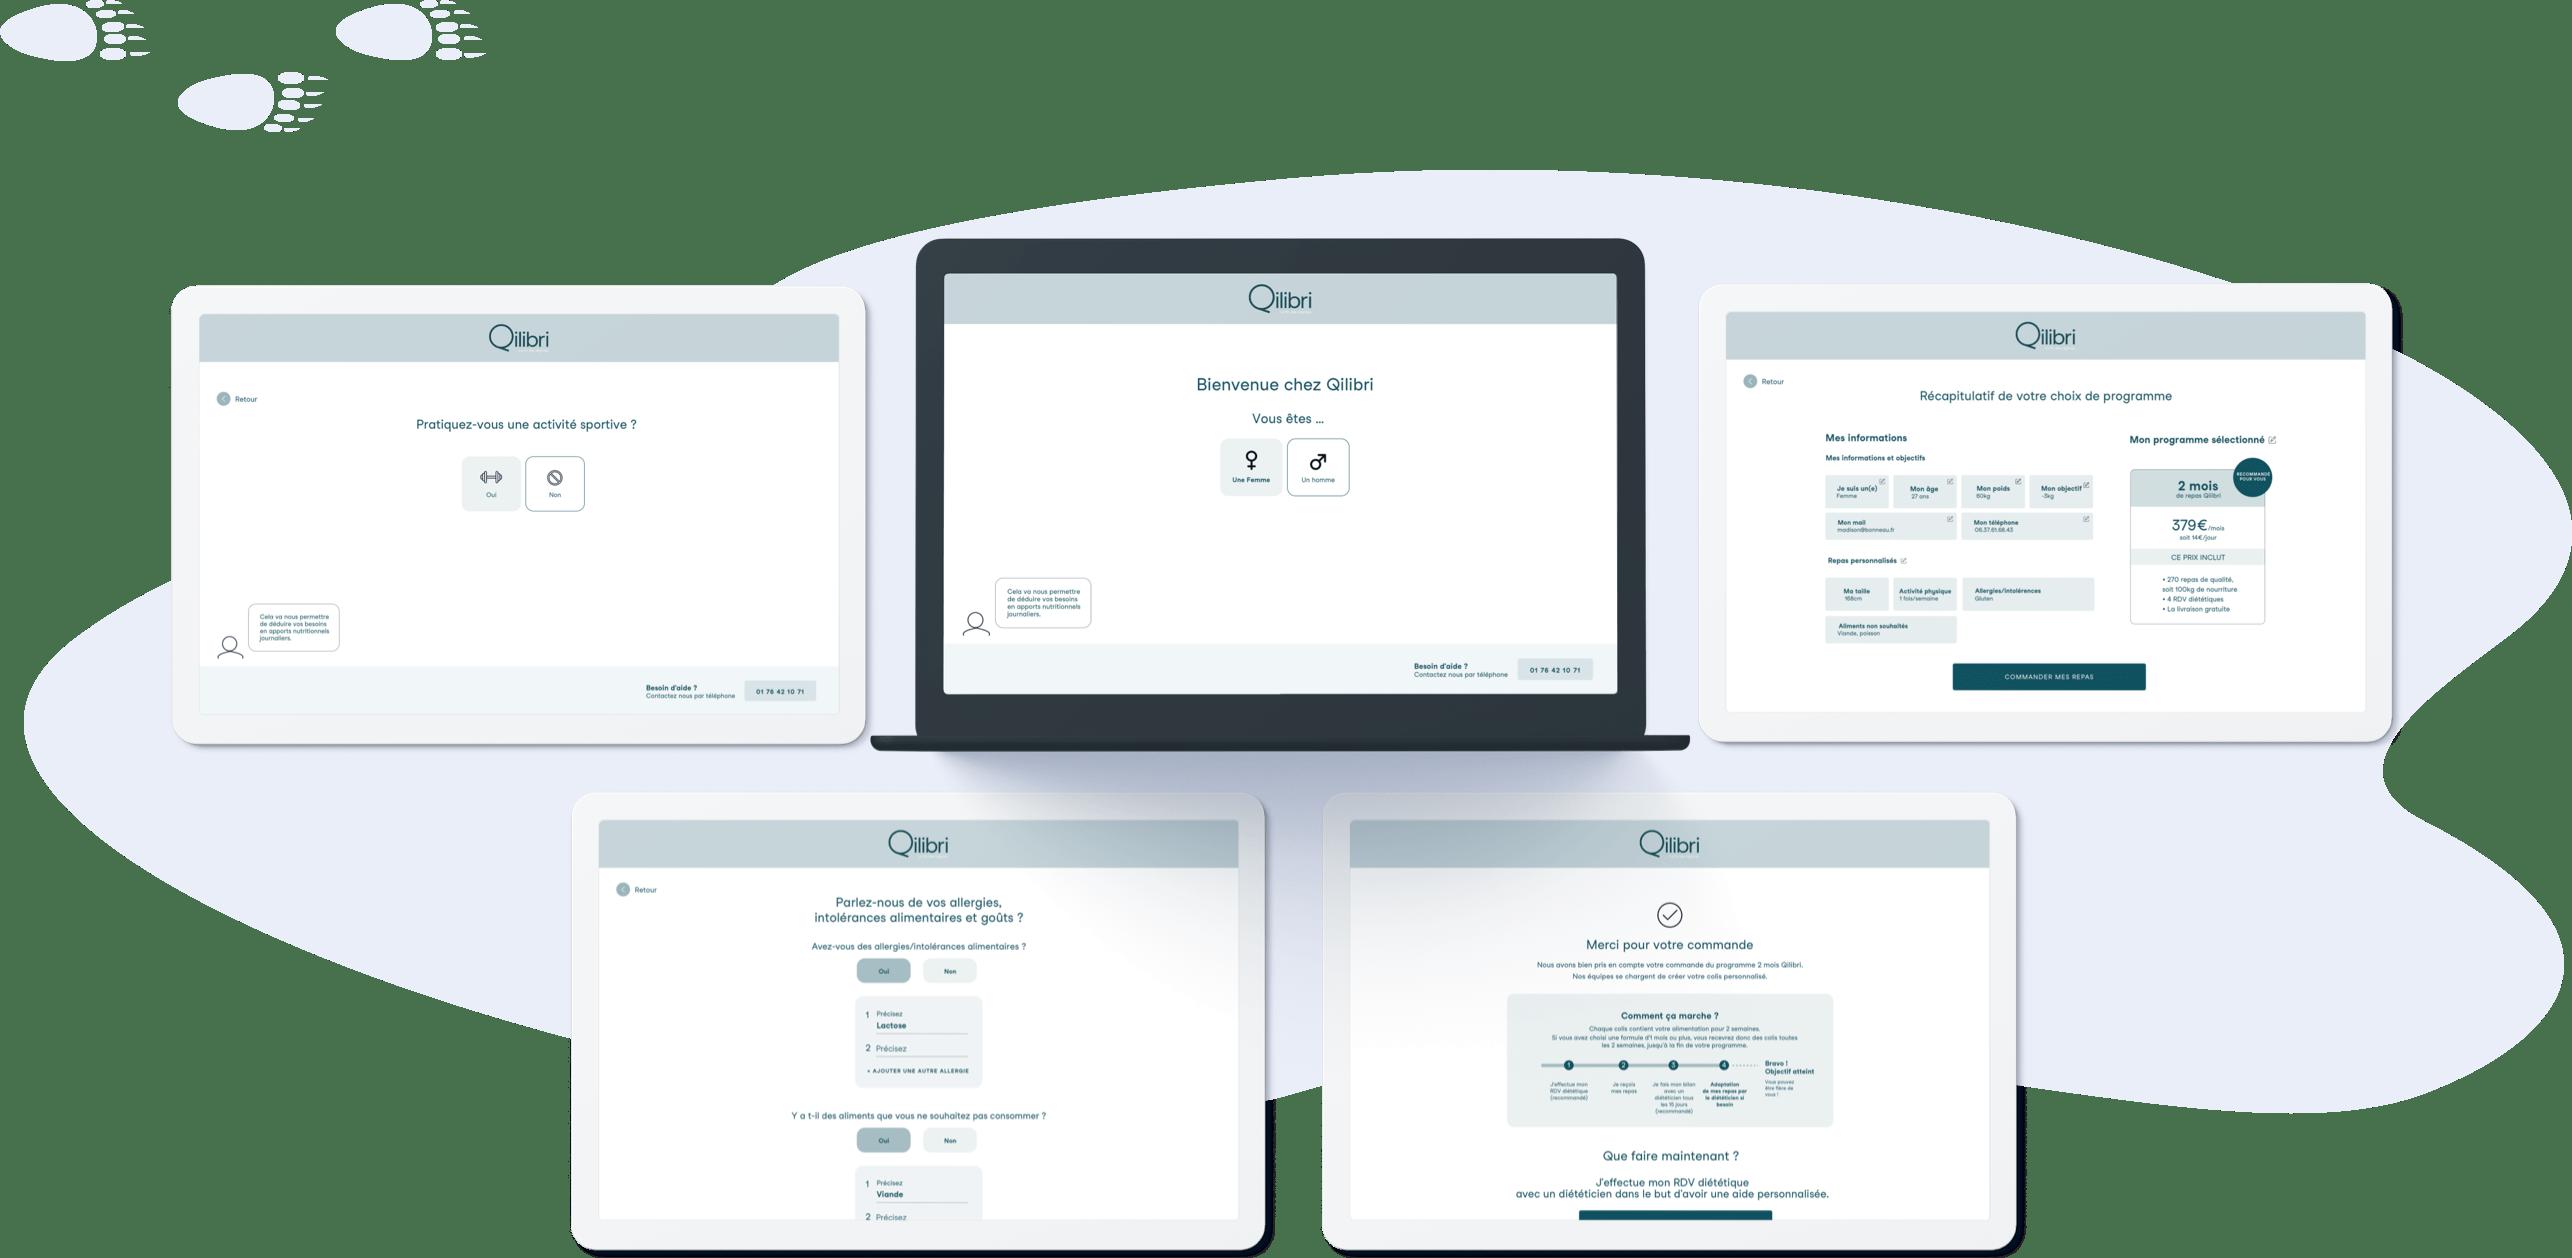 Qilibri - Conception UX parcours de vente (desktop et mobile)